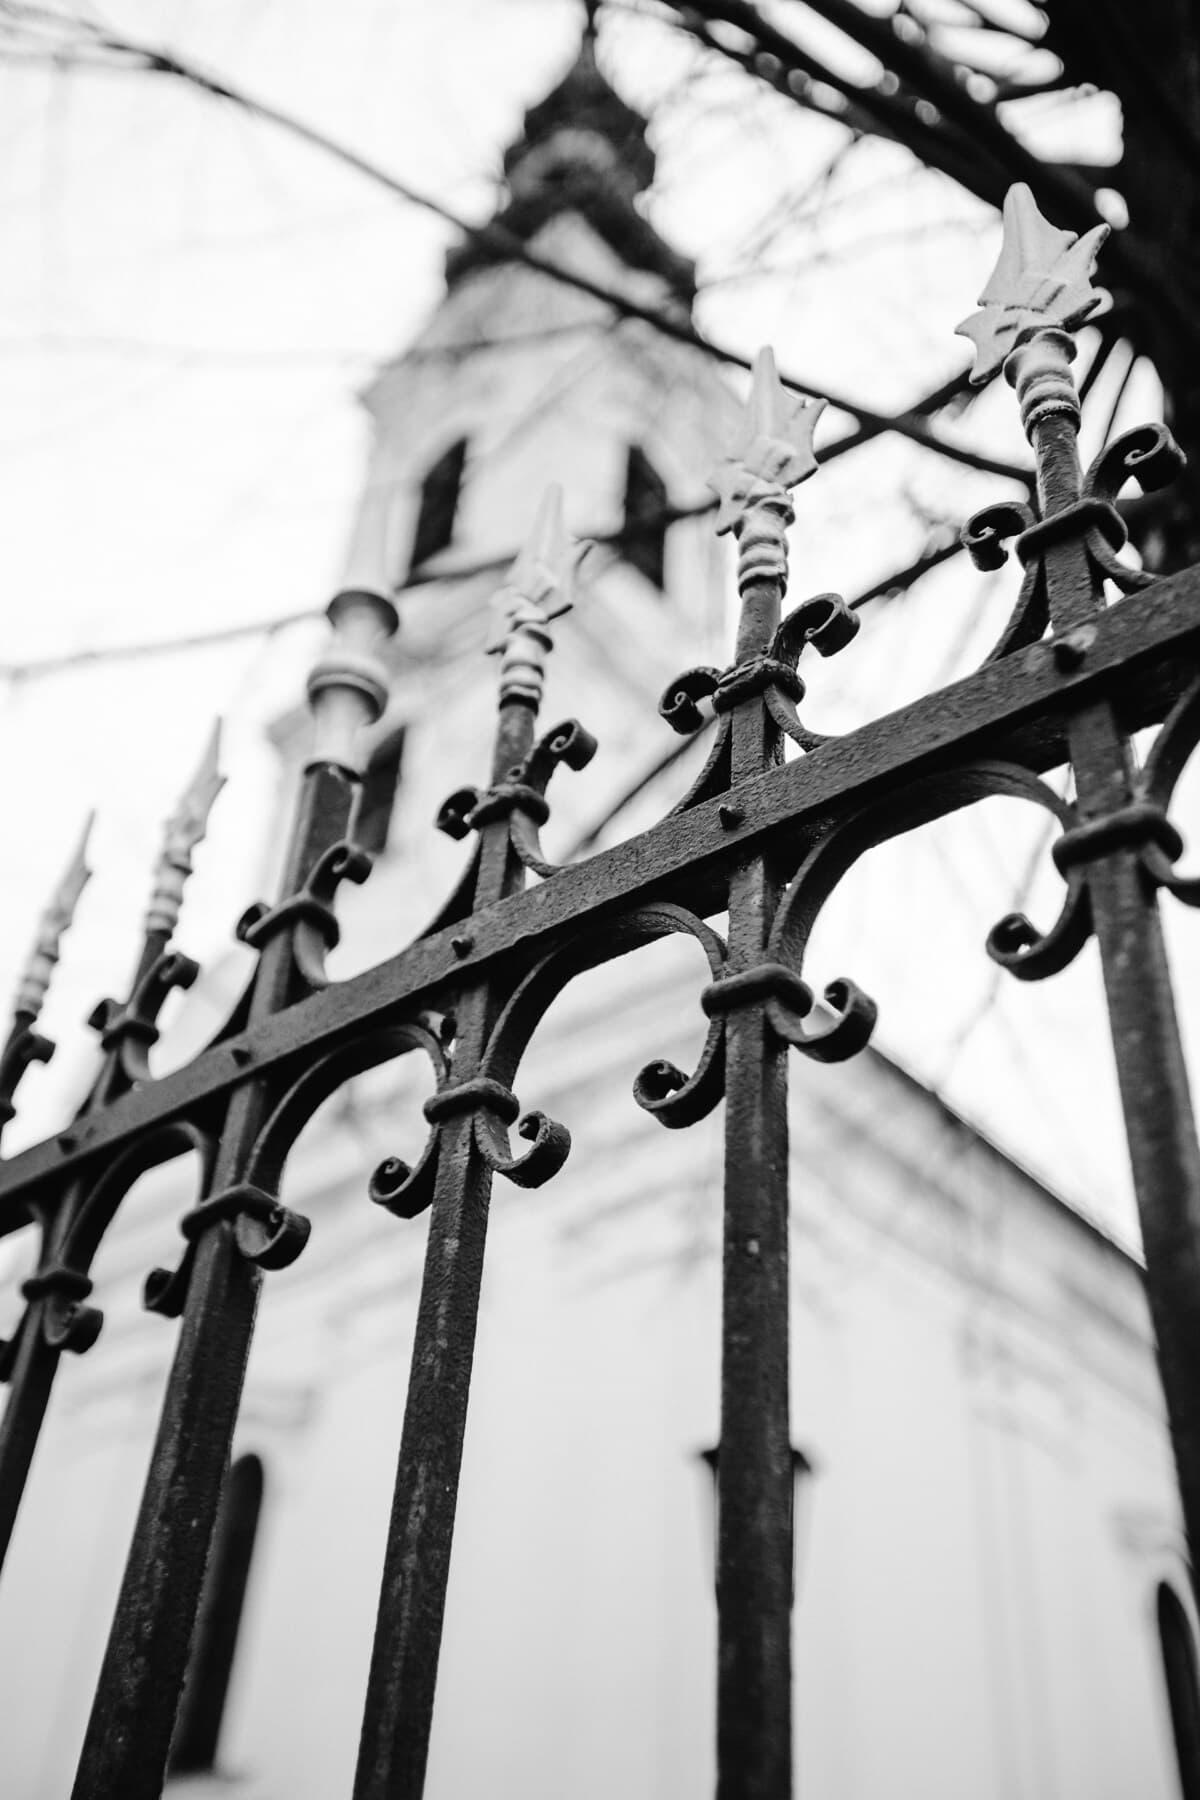 noir et blanc, fer de fonte, pointe de flèche, clôture, flèche, steeple, église, monochrome, Hiver, Porte